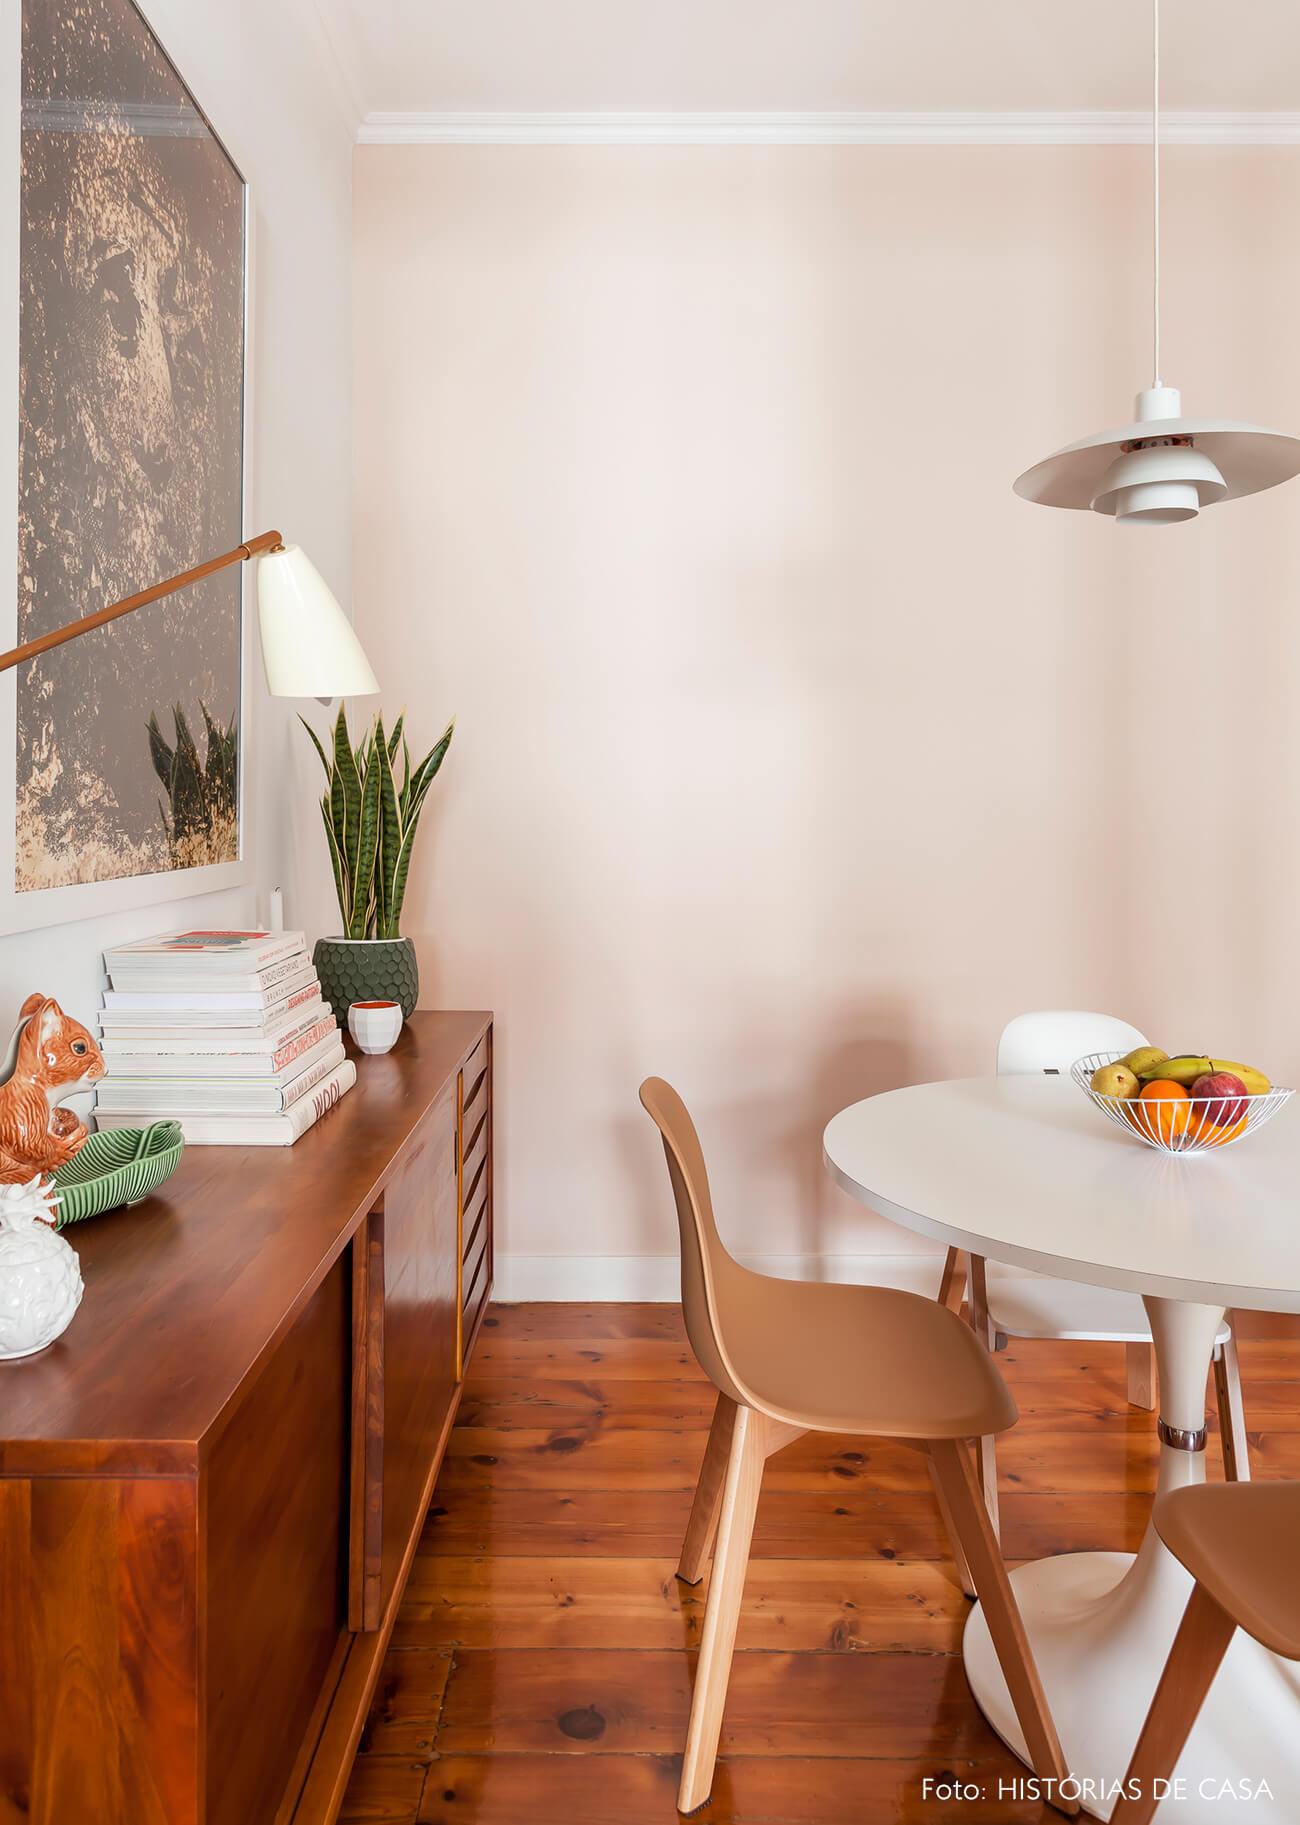 Apartamento em Portugal, decoração da sala de jantar com móveis vintage